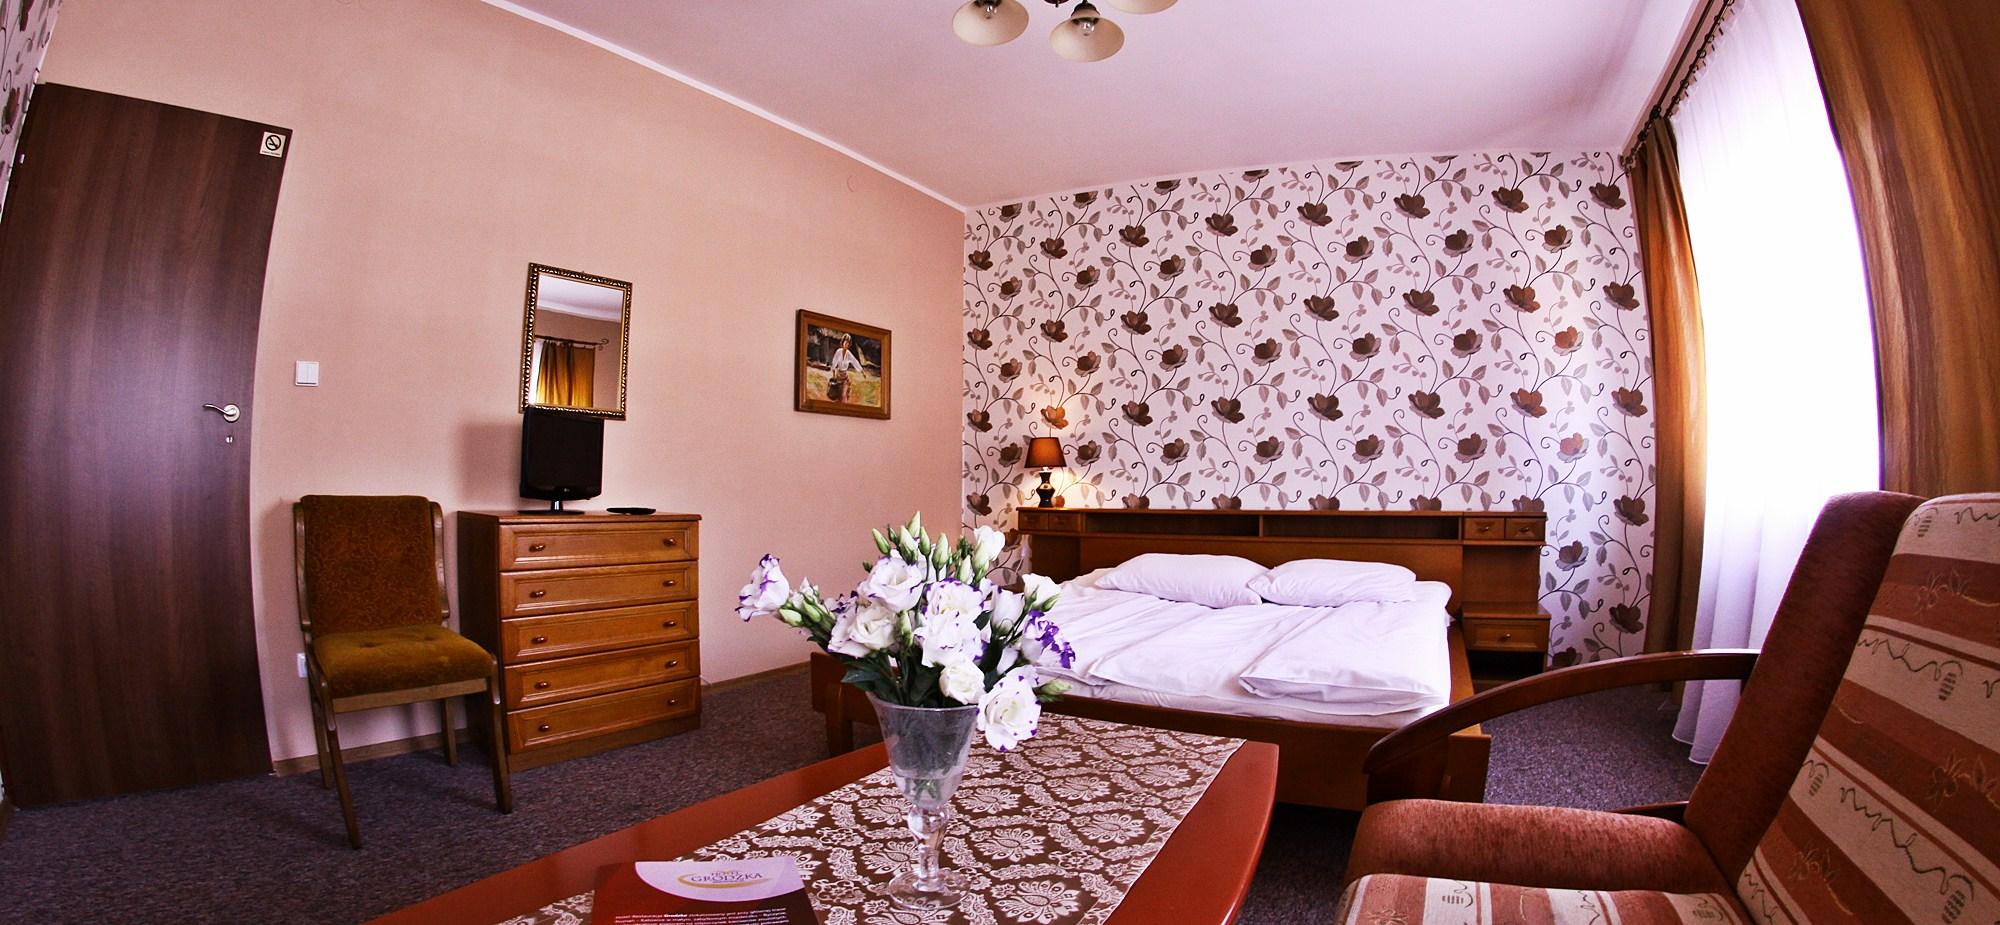 wnetrze-pokoju-hotelowego